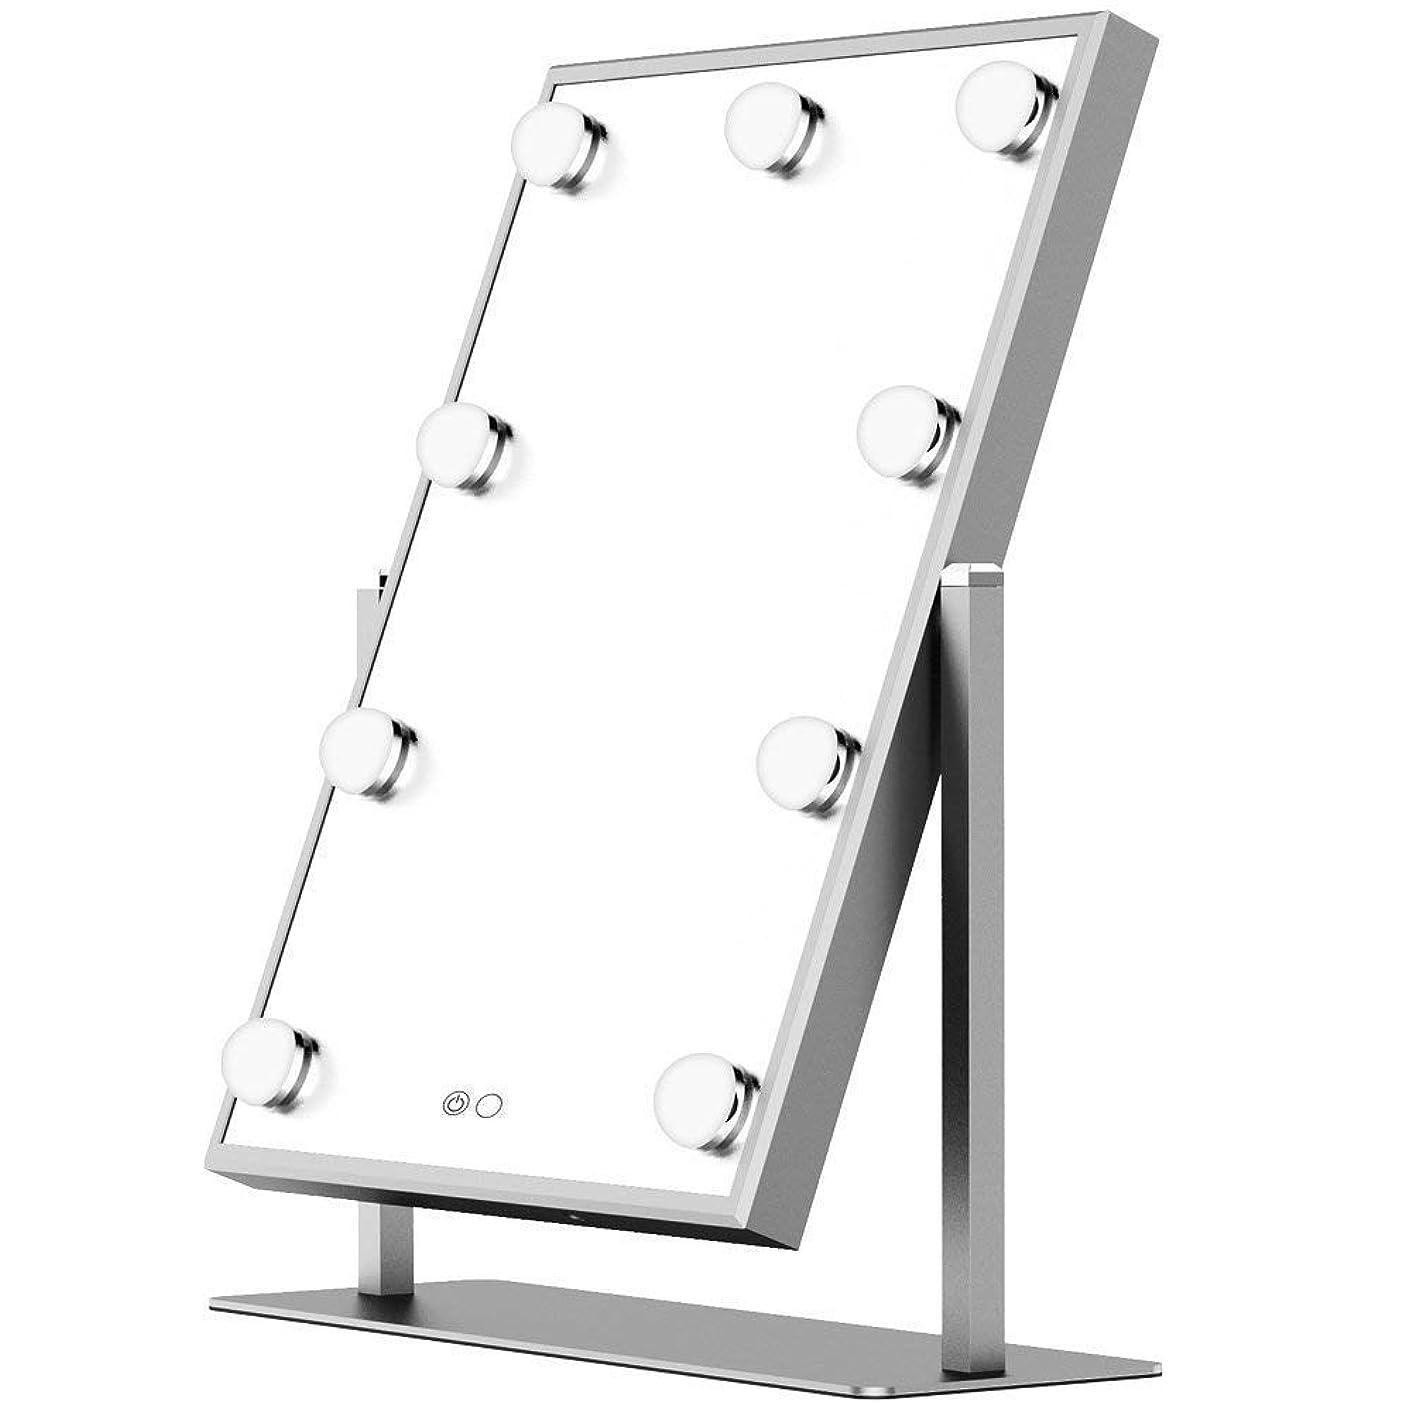 加入眠りコイルJerrybox 鏡 化粧鏡 卓上鏡 大型 led 鏡 フルフレームLEDライト スタンドミラー 拡大鏡付き (BM-1711 (スタンド式))